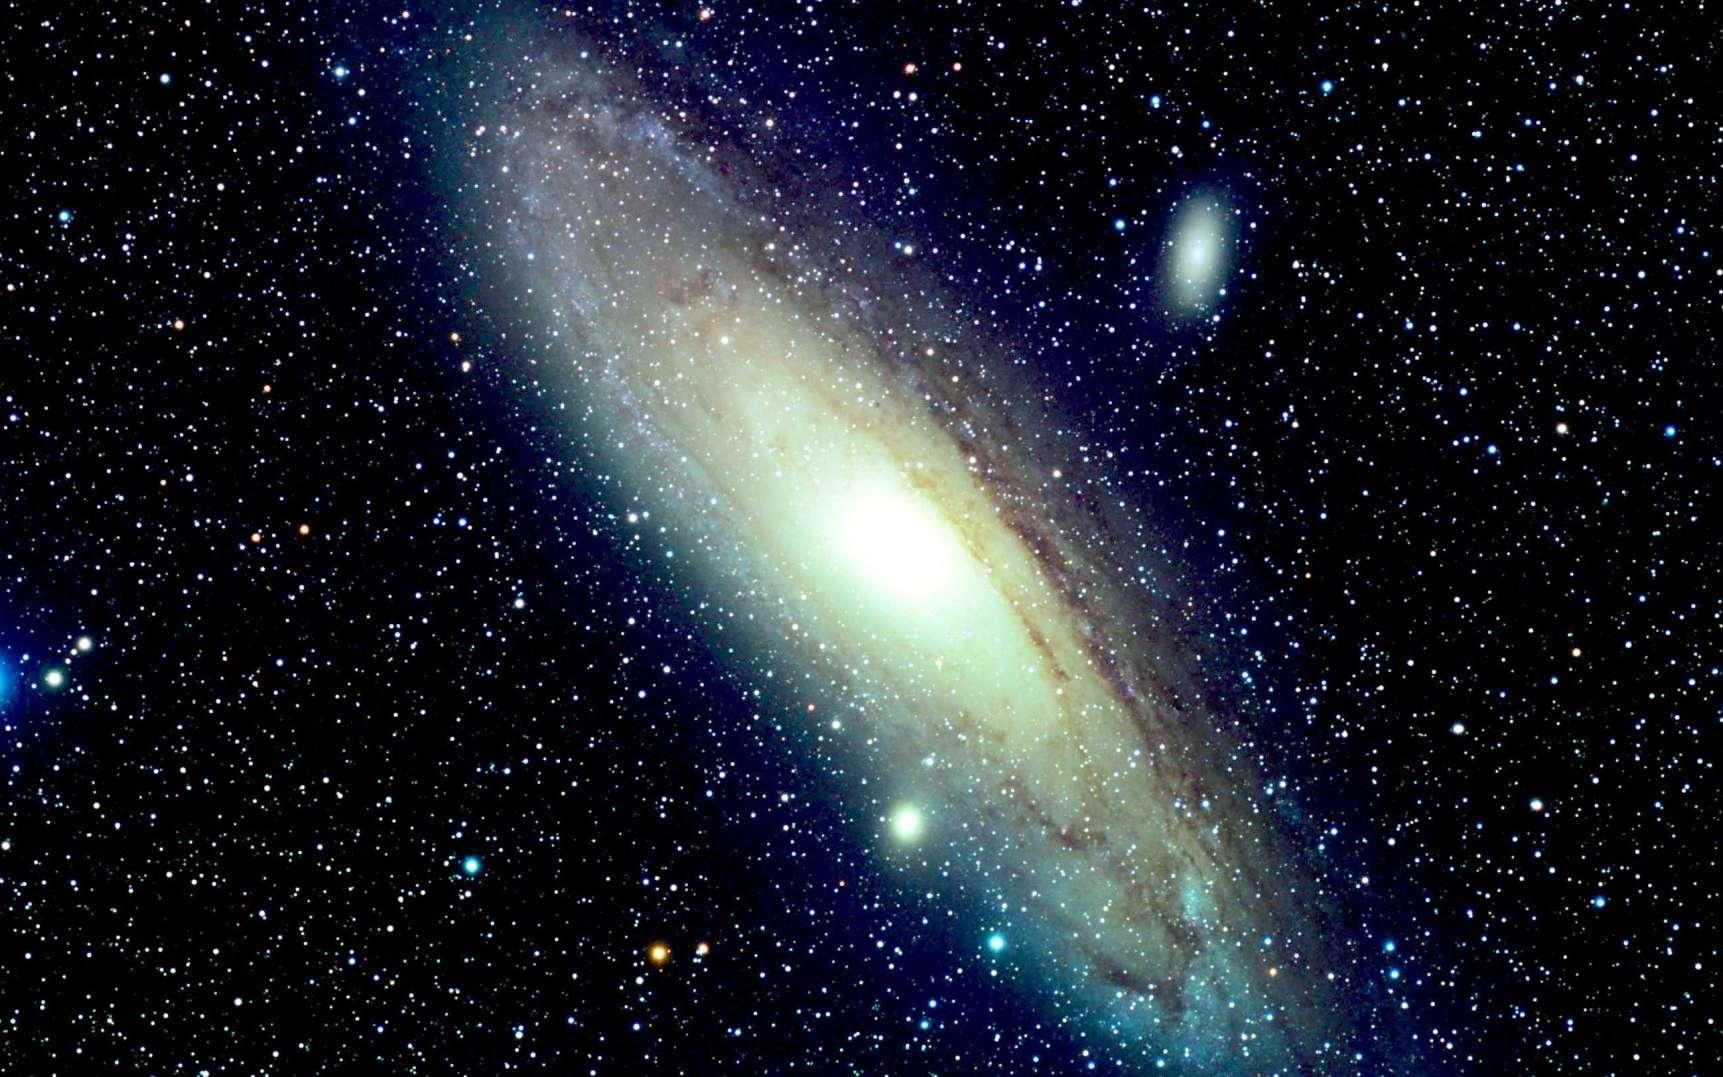 La galaxie d'Andromède, M 31. Au centre, se trouve le bulbe (zone très lumineuse) entouré du disque géant de la galaxie. © Richard Crisp